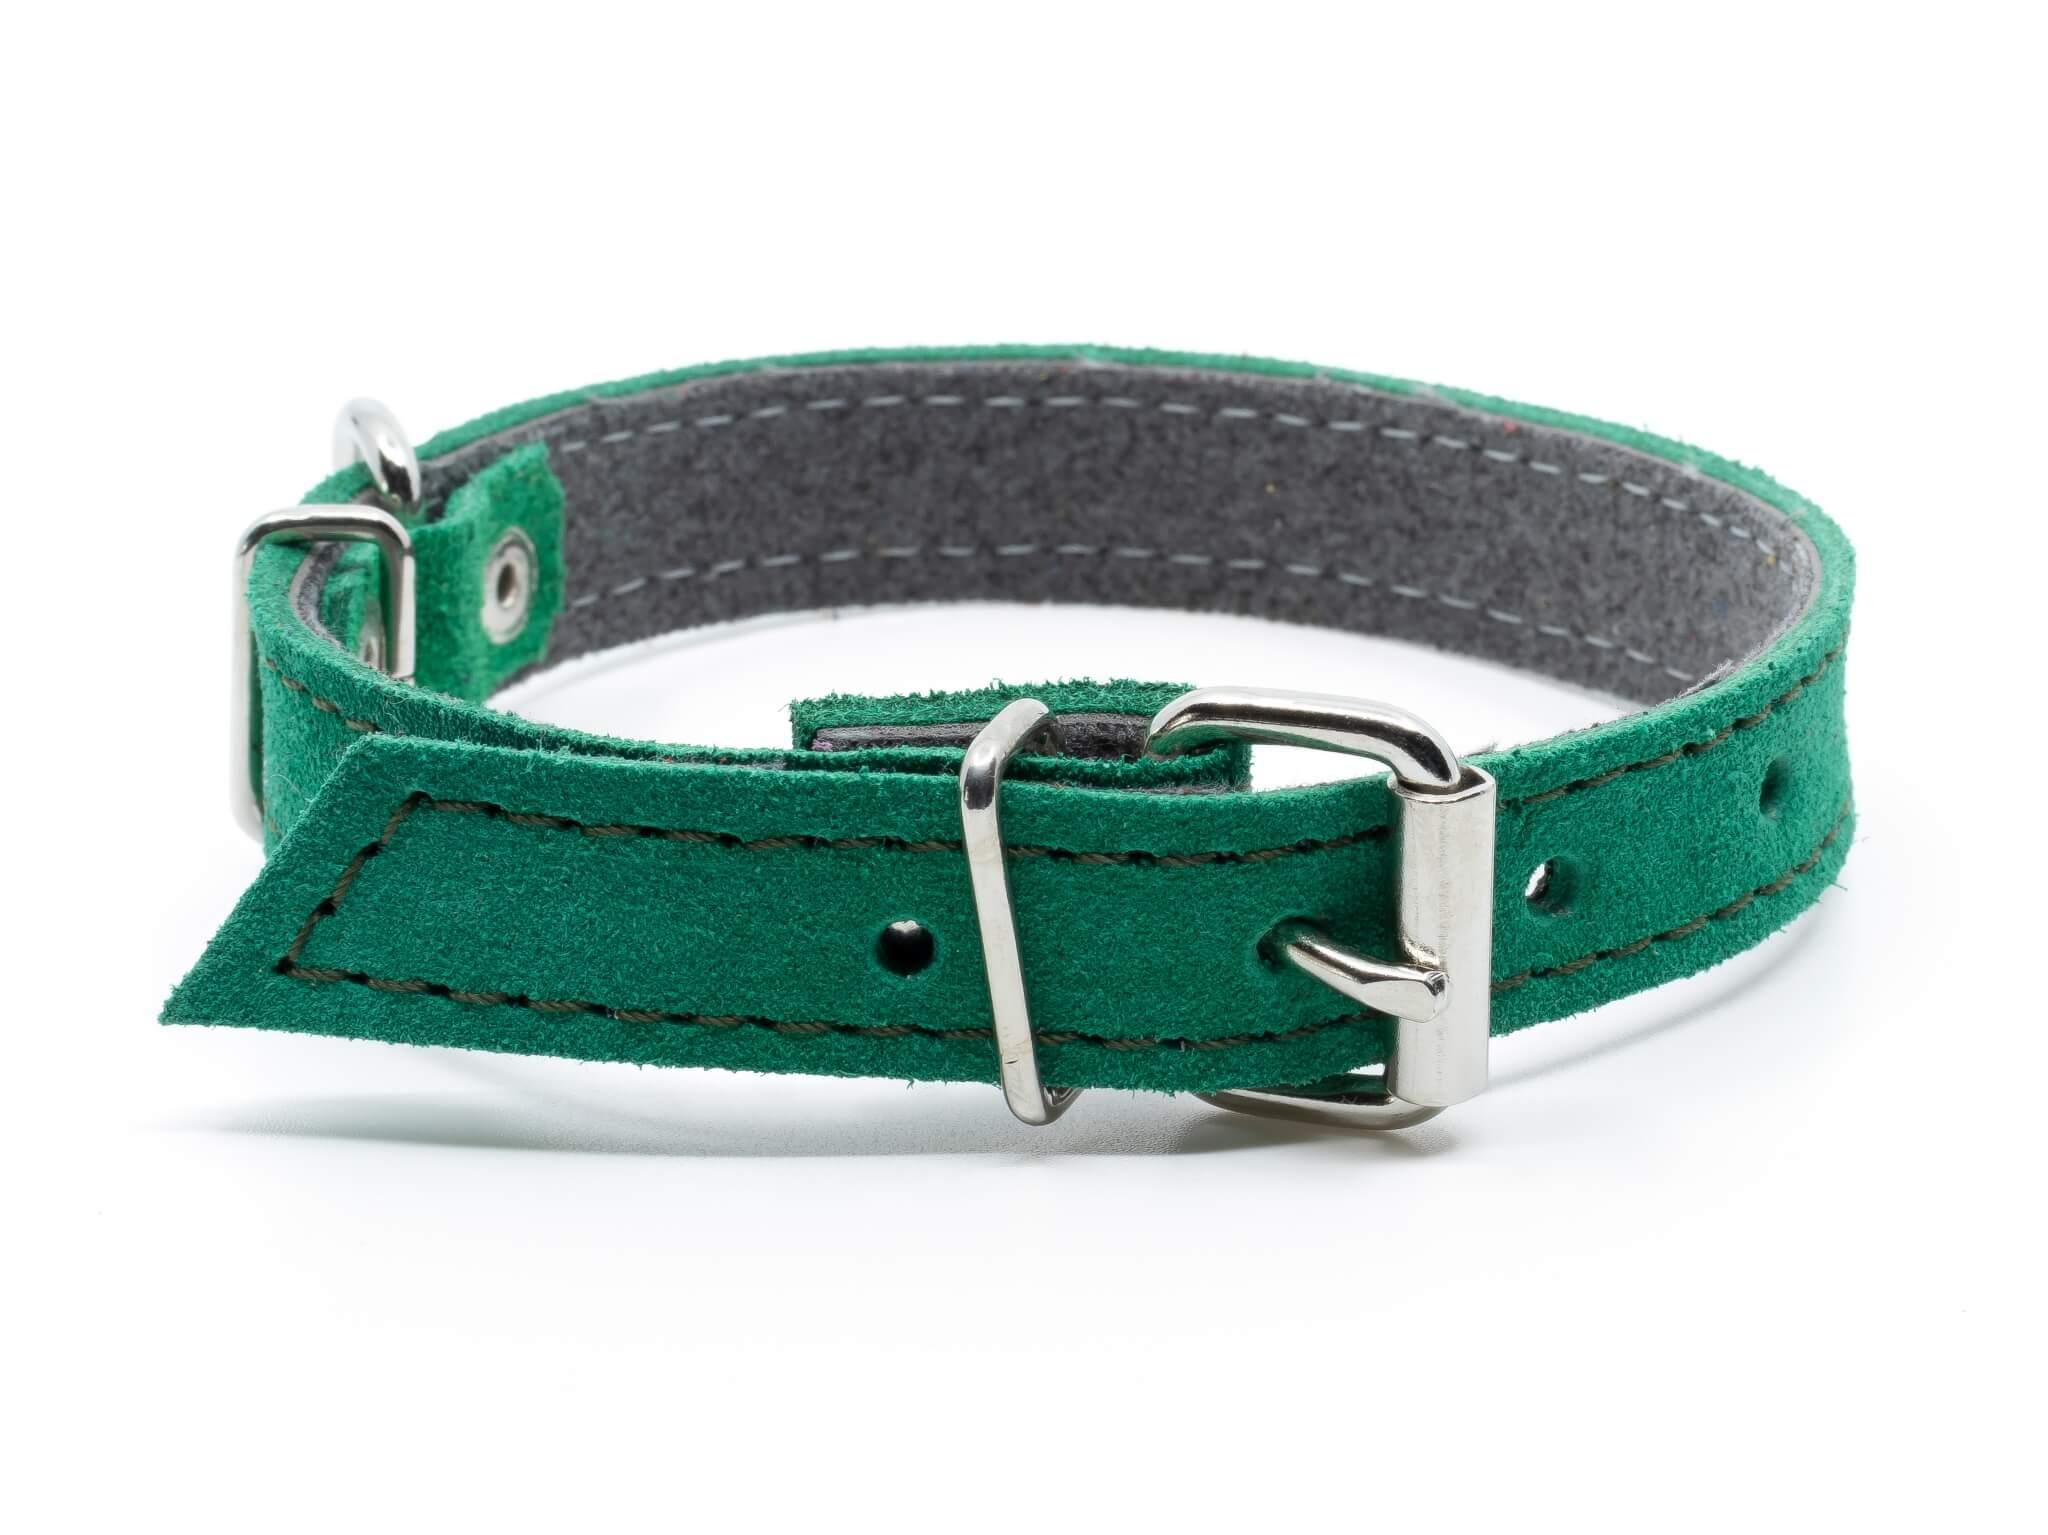 Levně Palkar Velur kožený obojek pro psa | 13 – 48 cm Barva: Zelená, Obvod krku: 13 - 18,5 cm